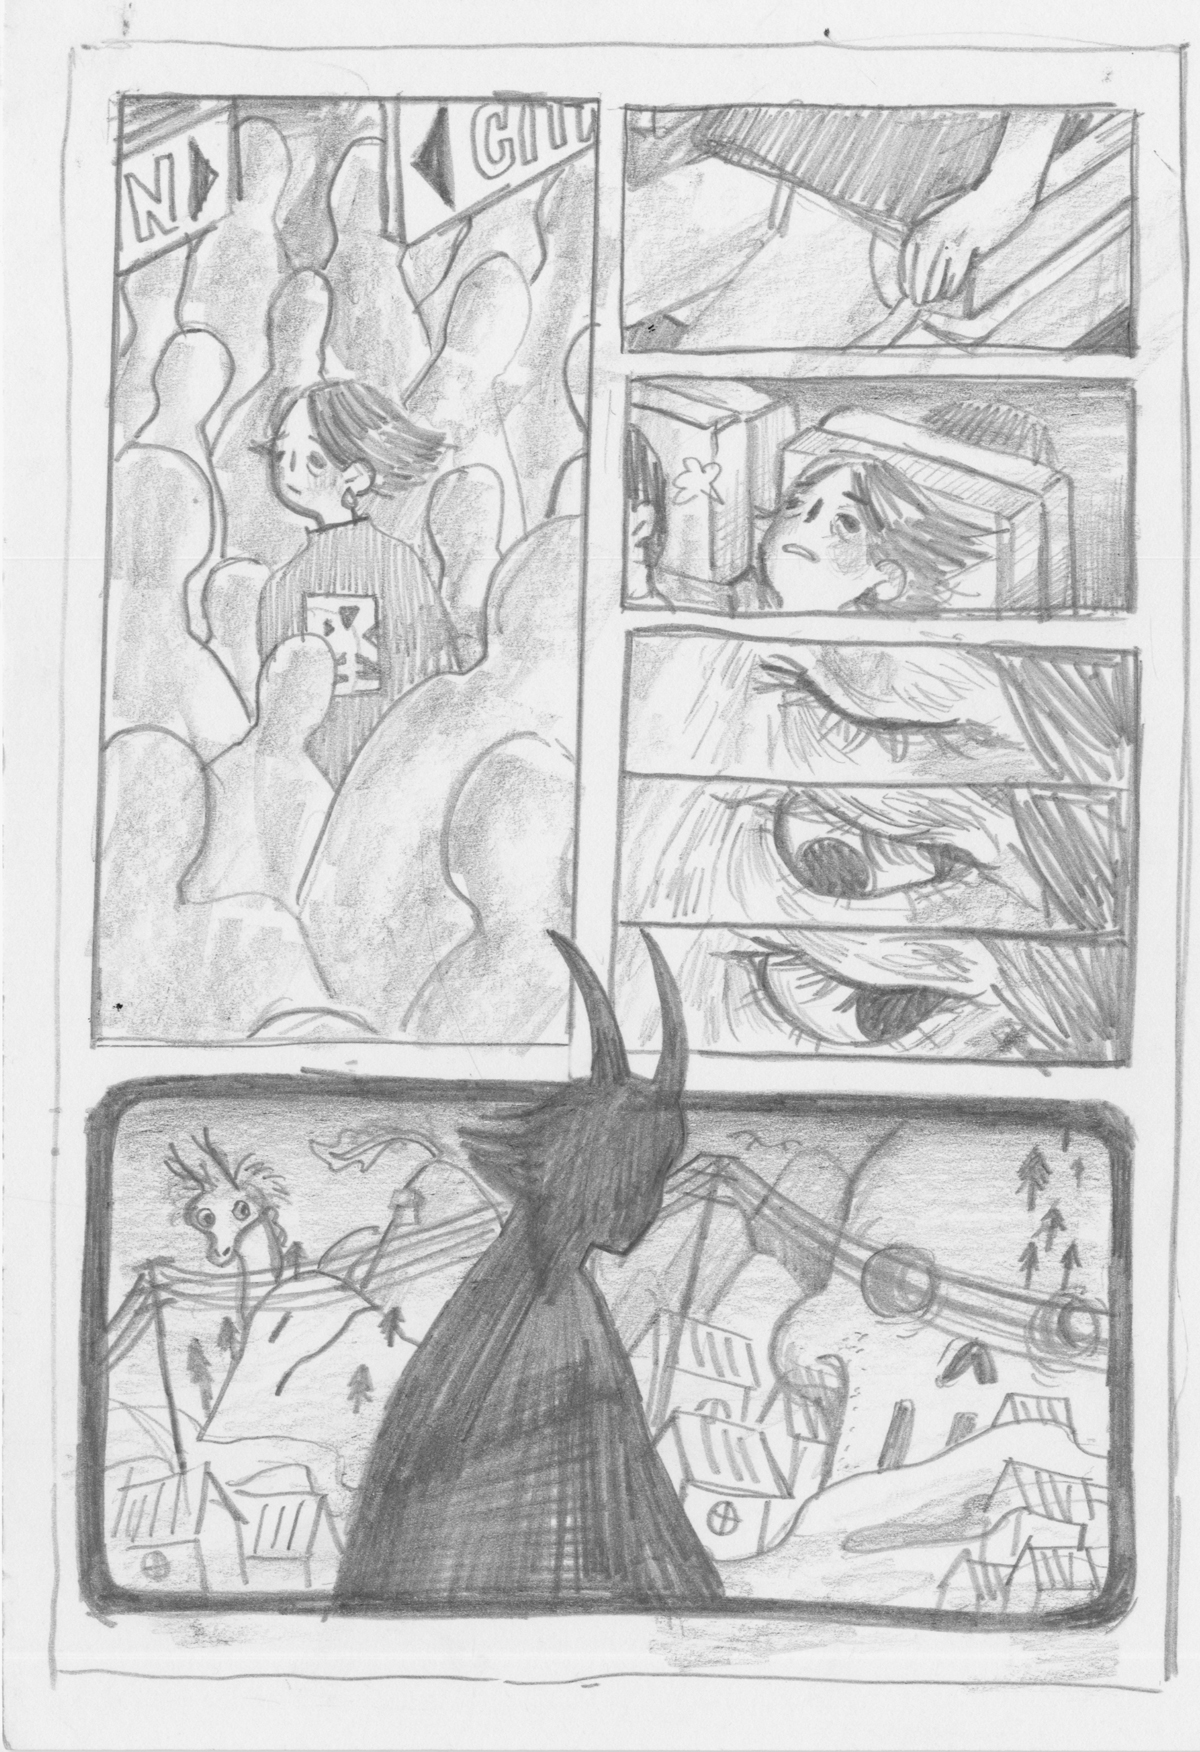 comic01_draft1.jpg